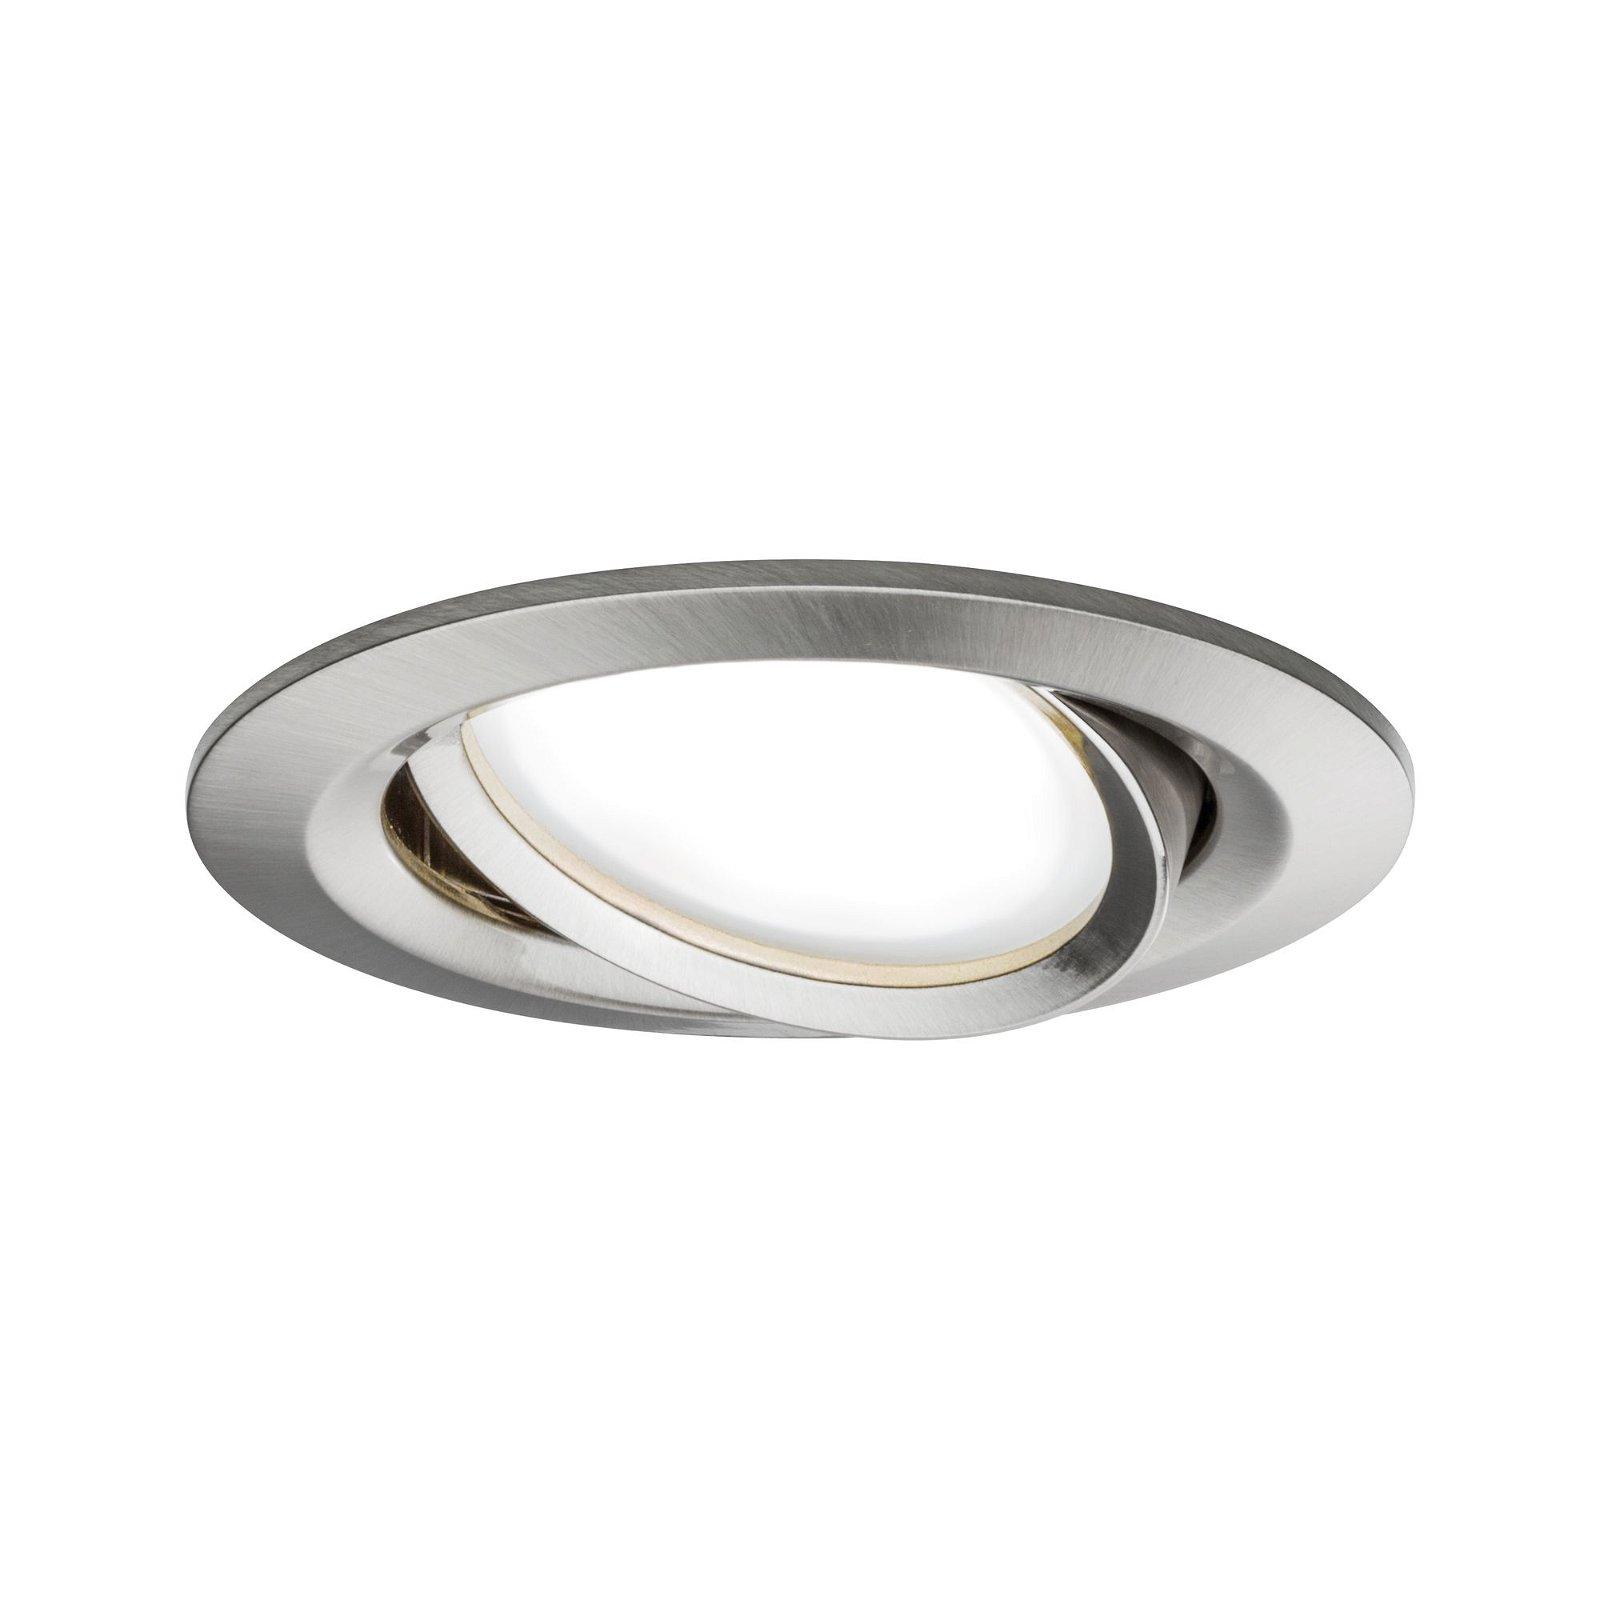 Spot encastré LED Smart Home Zigbee Nova Plus Coin Kit de base orientable rond 84mm 50° Coin 3x6W 3x470lm 230V Tunable White Acier brossé